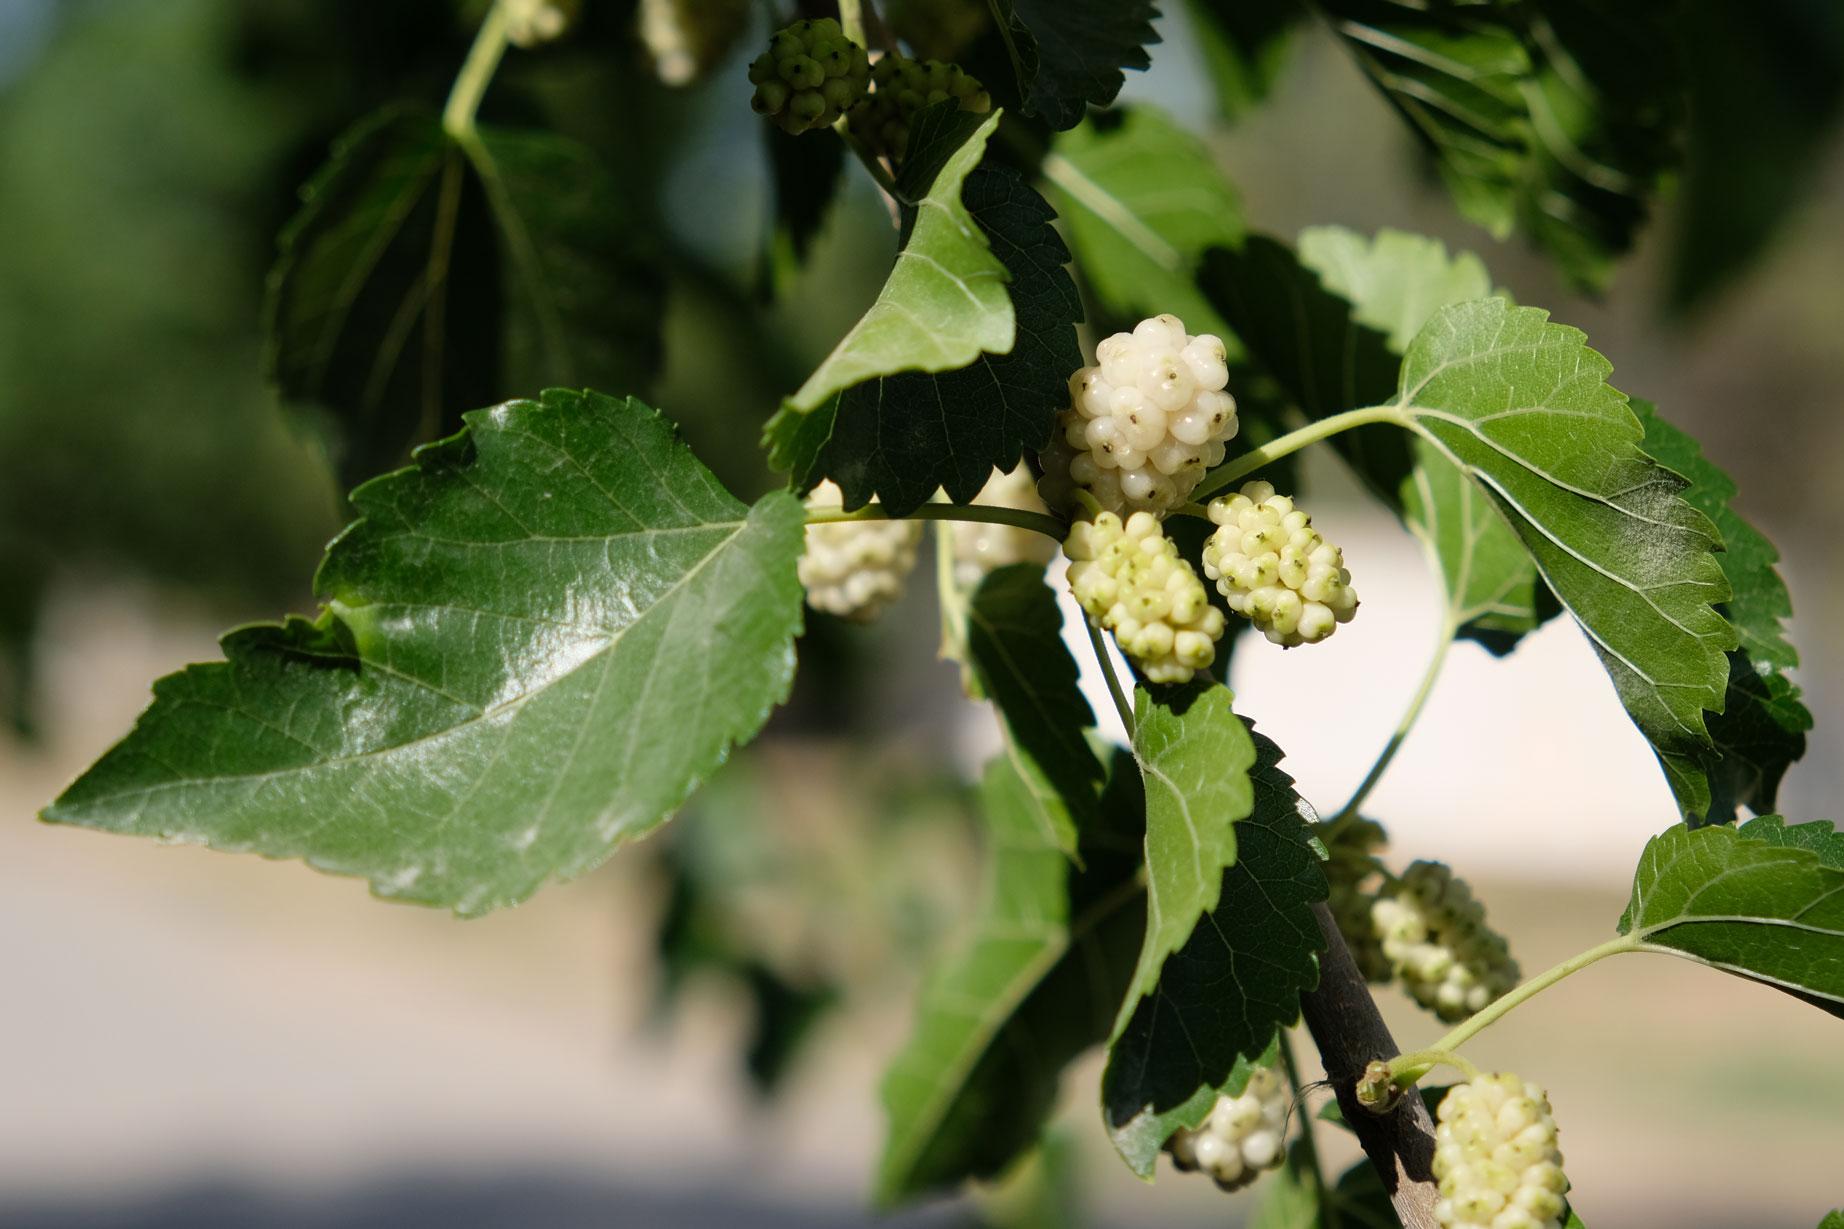 Maulbeeren. Die leckeren Beeren, die uns schon seit dem Iran treu begleiten.